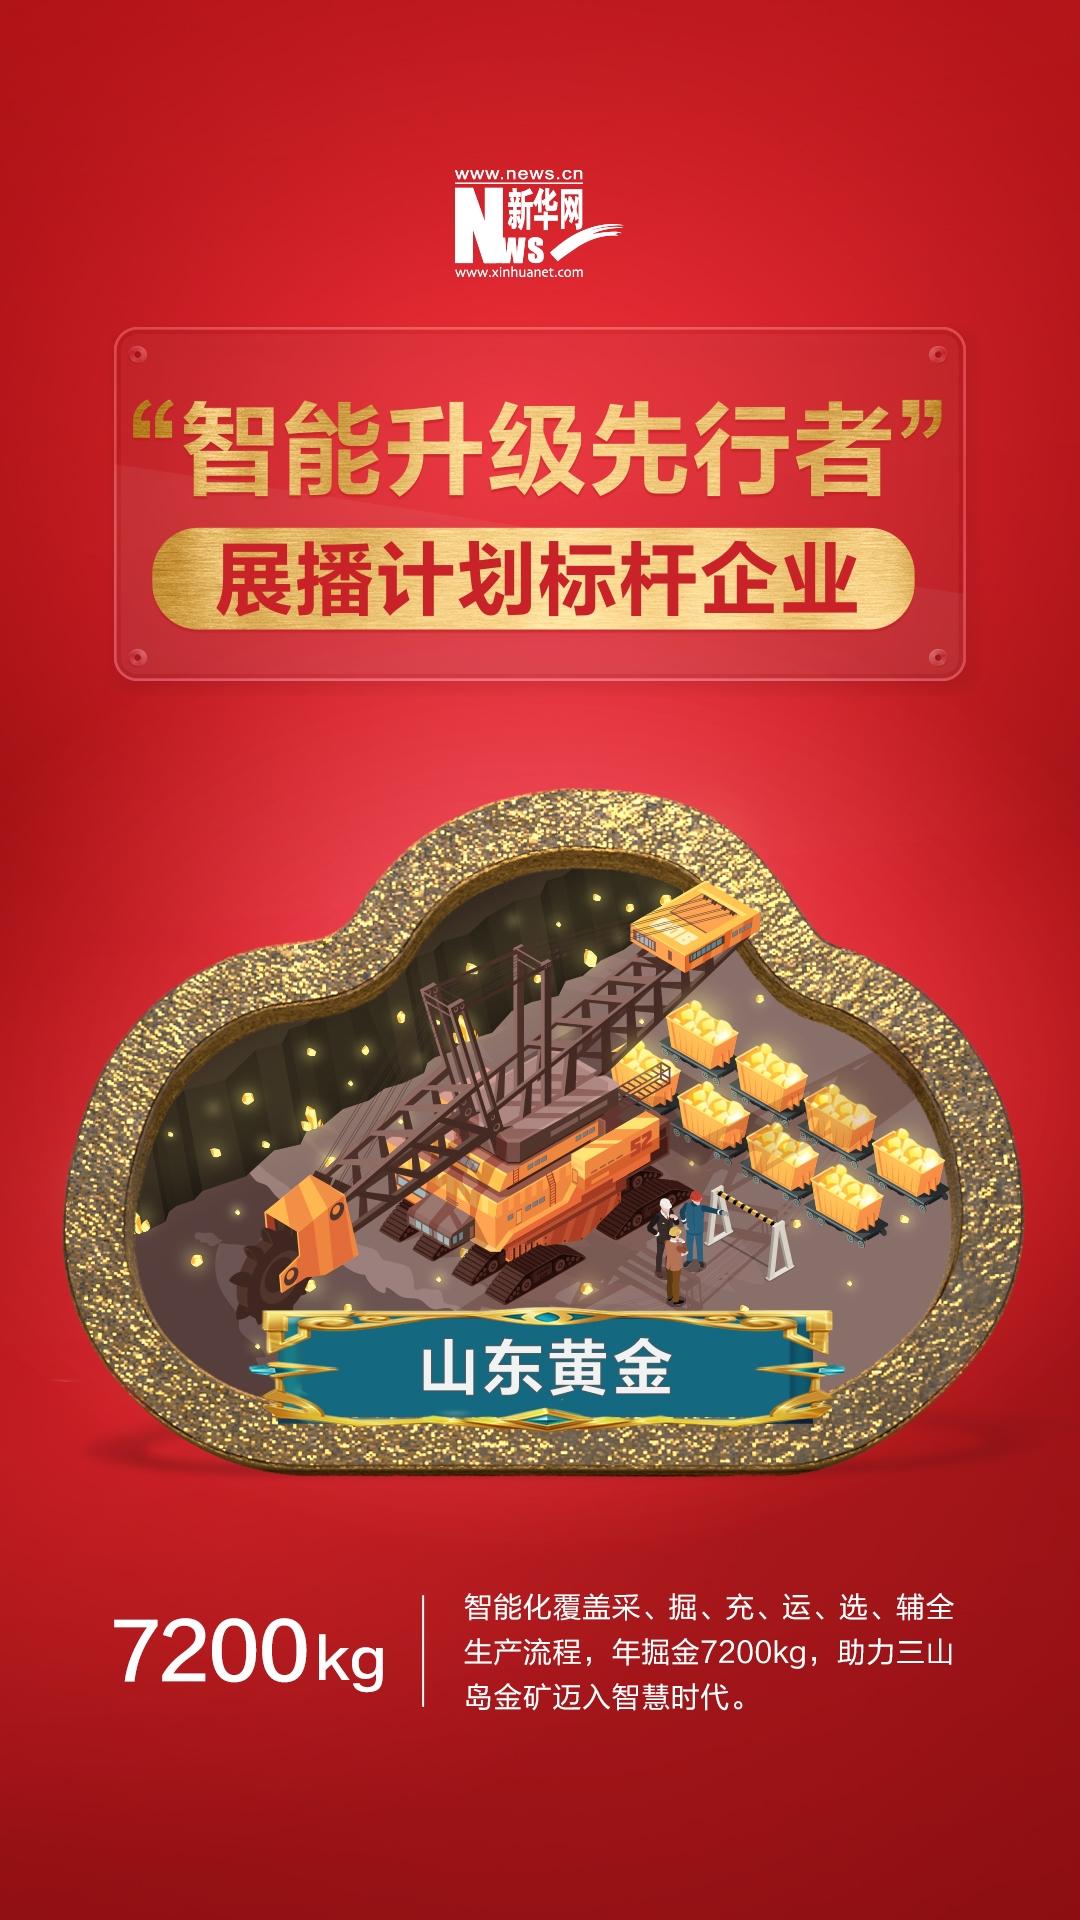 山東黃金集團:礦山革命 未來已來